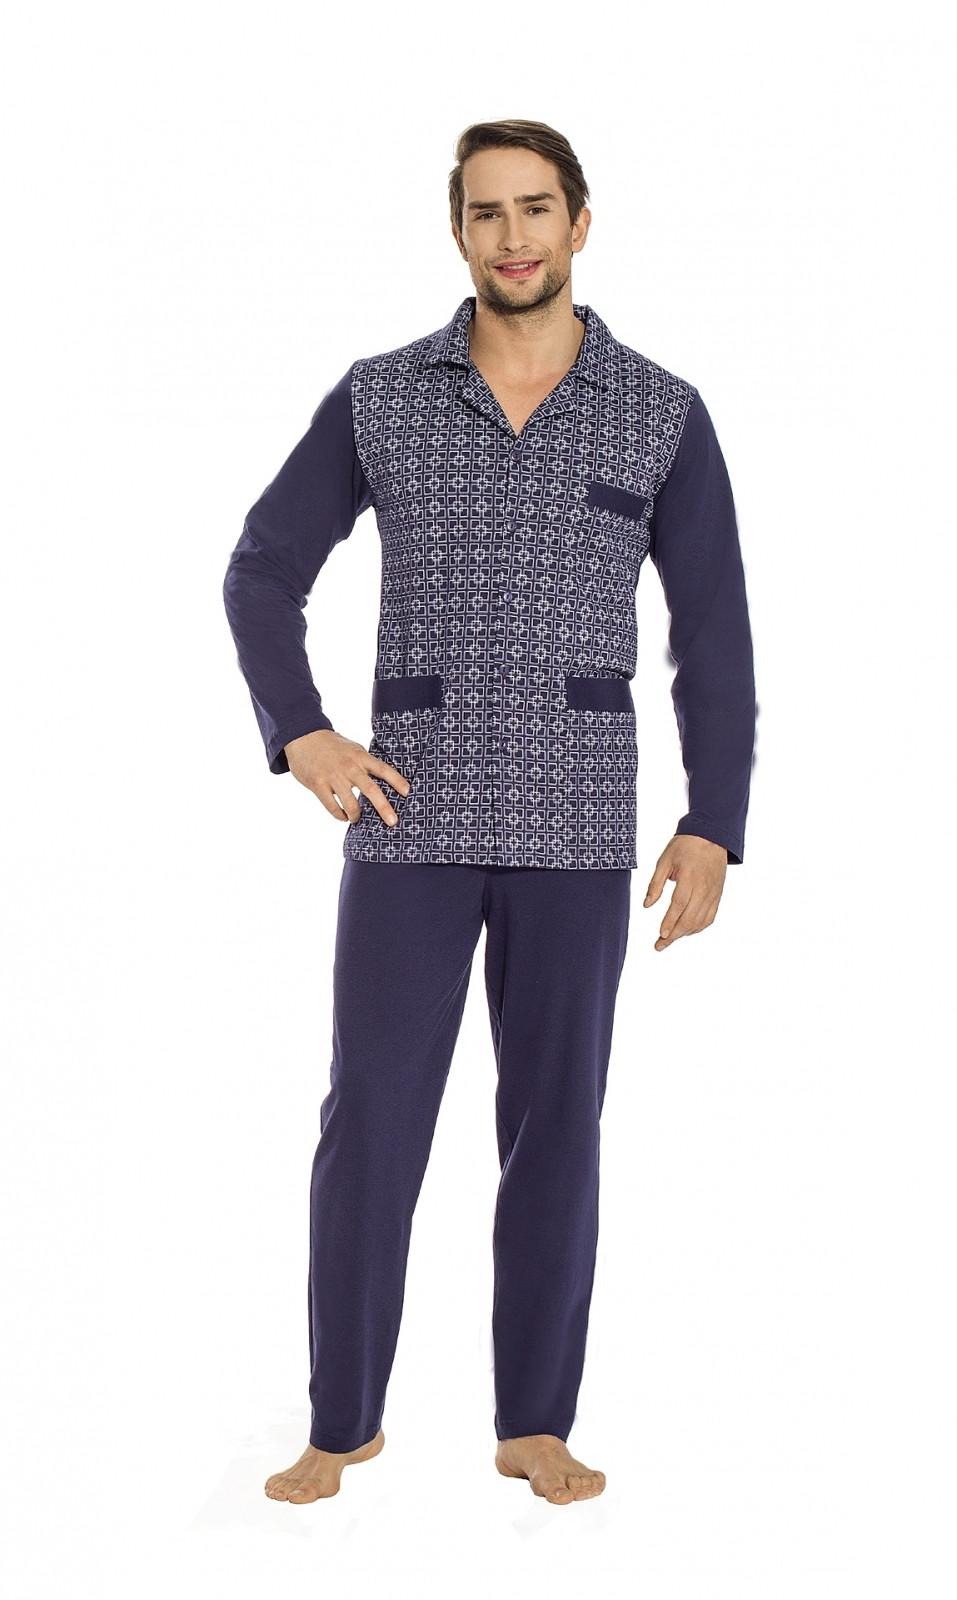 Rozepínané pánské pyžamo Luna 797 M-2XL tmavě šedá XXL